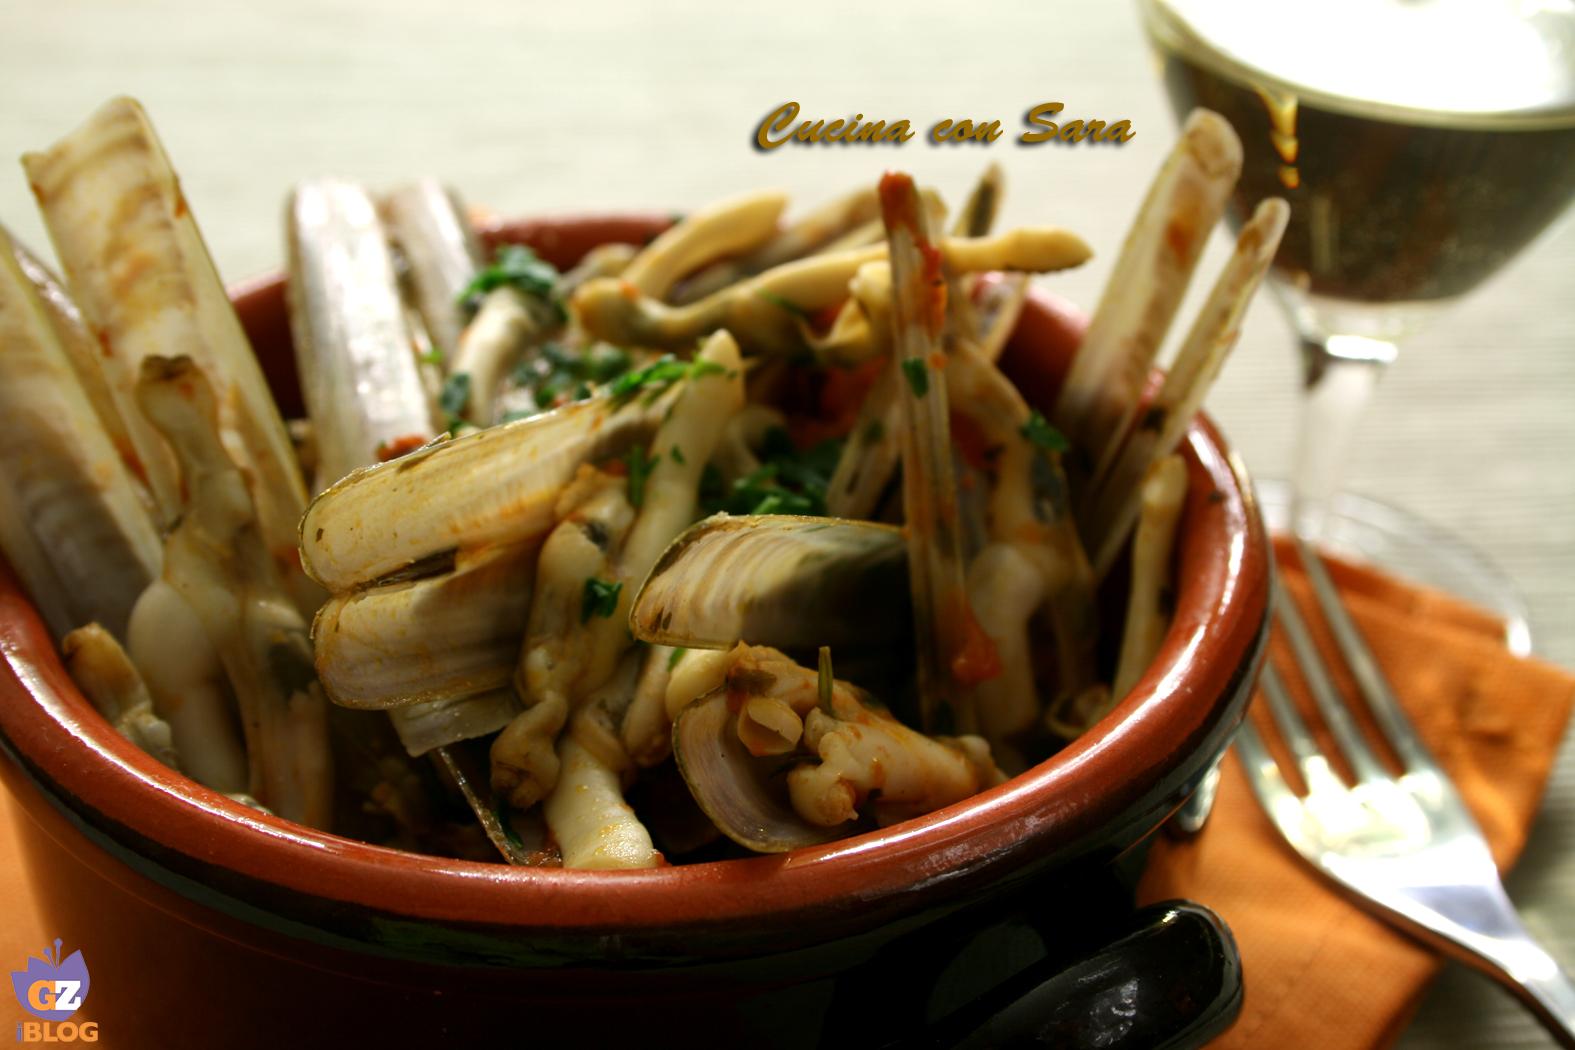 Cannolicchi Di Mare In Guazzetto Cucina Con Sara